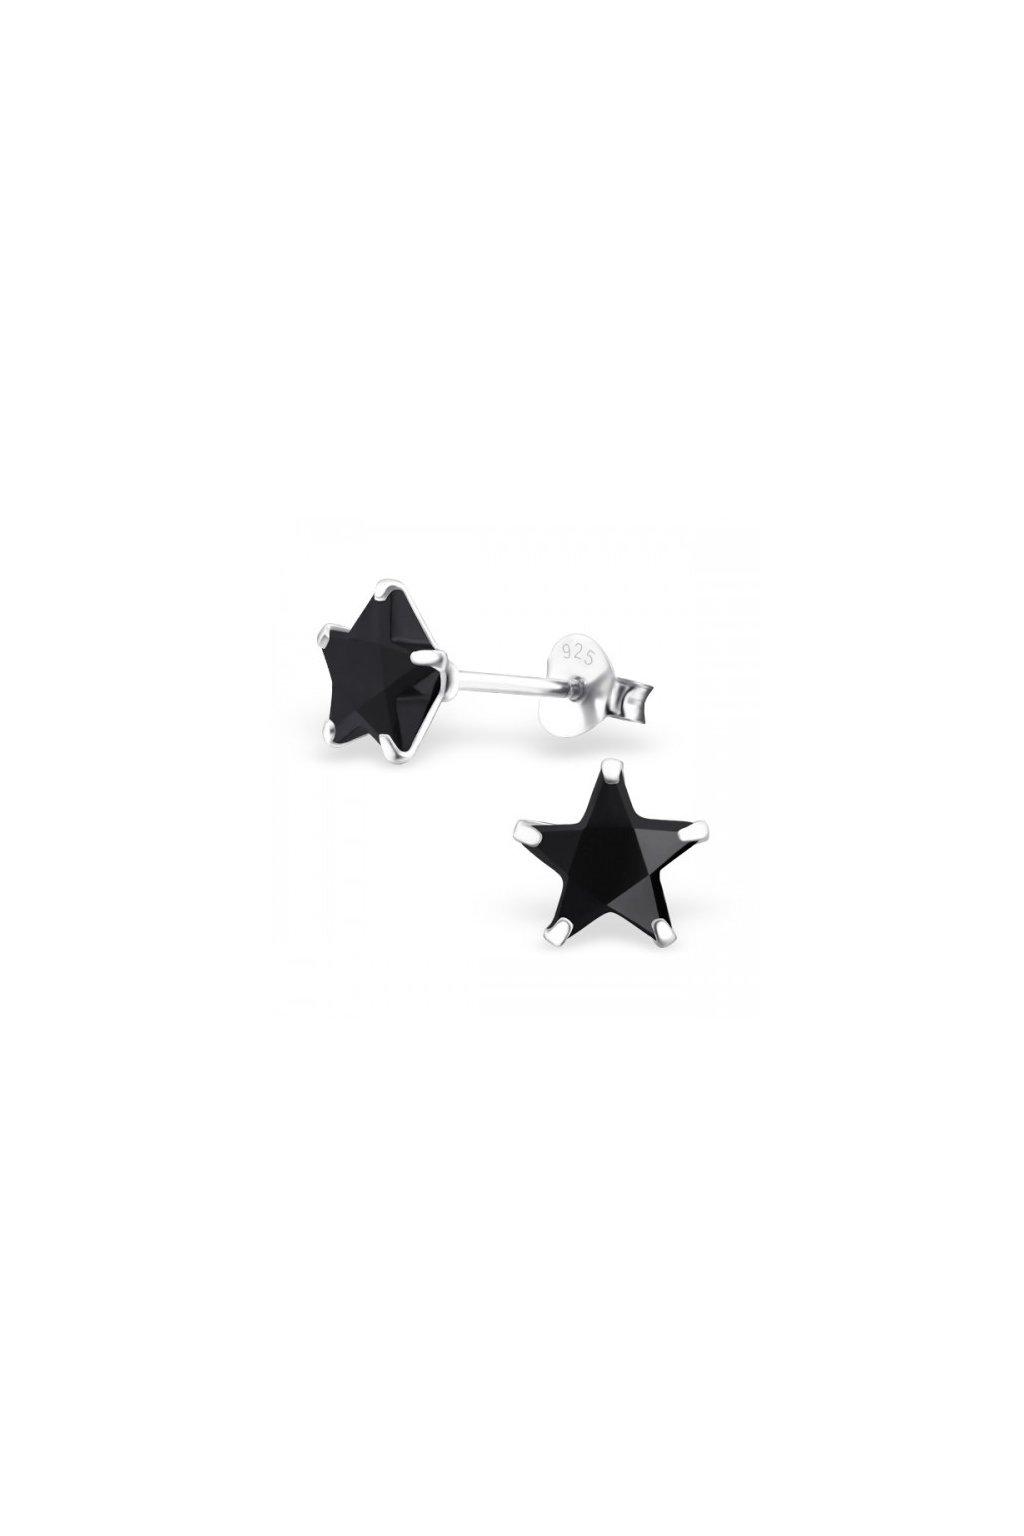 Strieborné náušnice hviezdy - 925 cz čierny kryštál MS9527